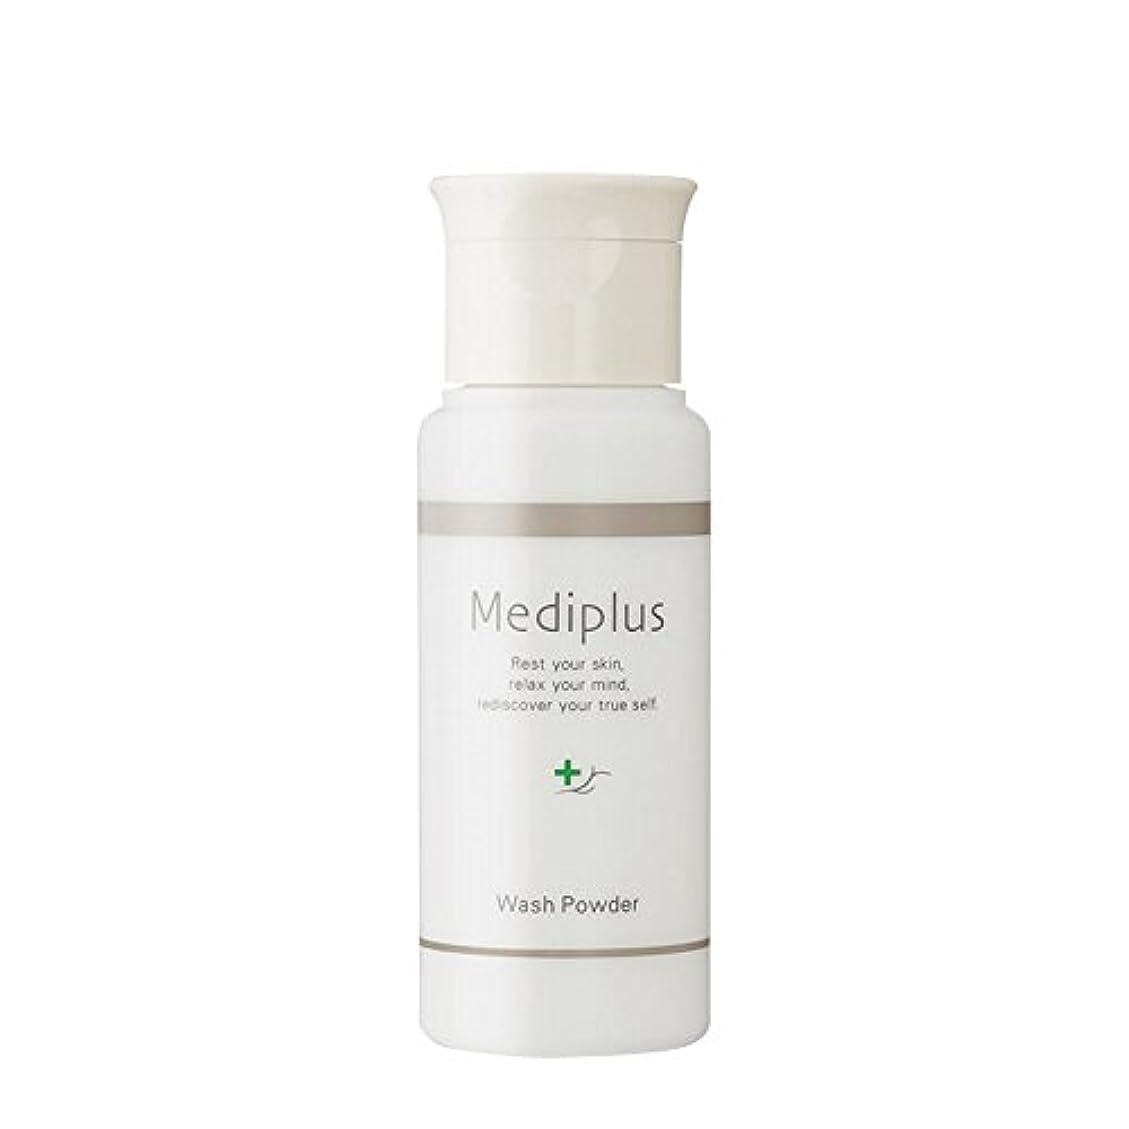 ブルゴーニュスキーム困惑した【Mediplus+】 メディプラス 酵素洗顔料 ウォッシュパウダー ミニ 20g [ パパイン酵素 毛穴ケア ]